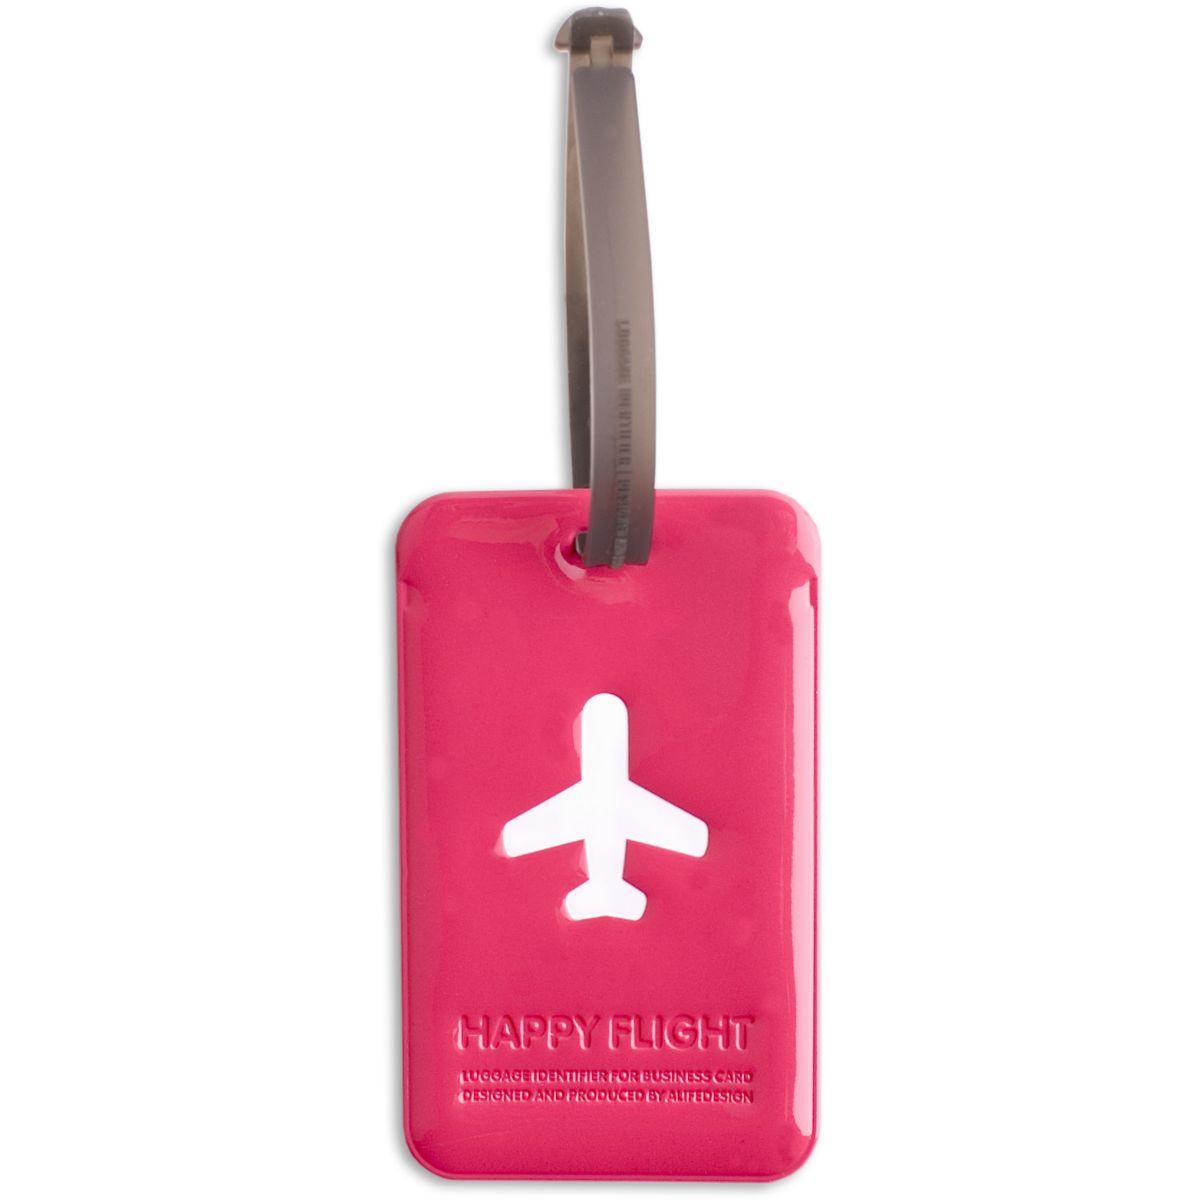 Accessoire alife etiquette valise rose (photo)